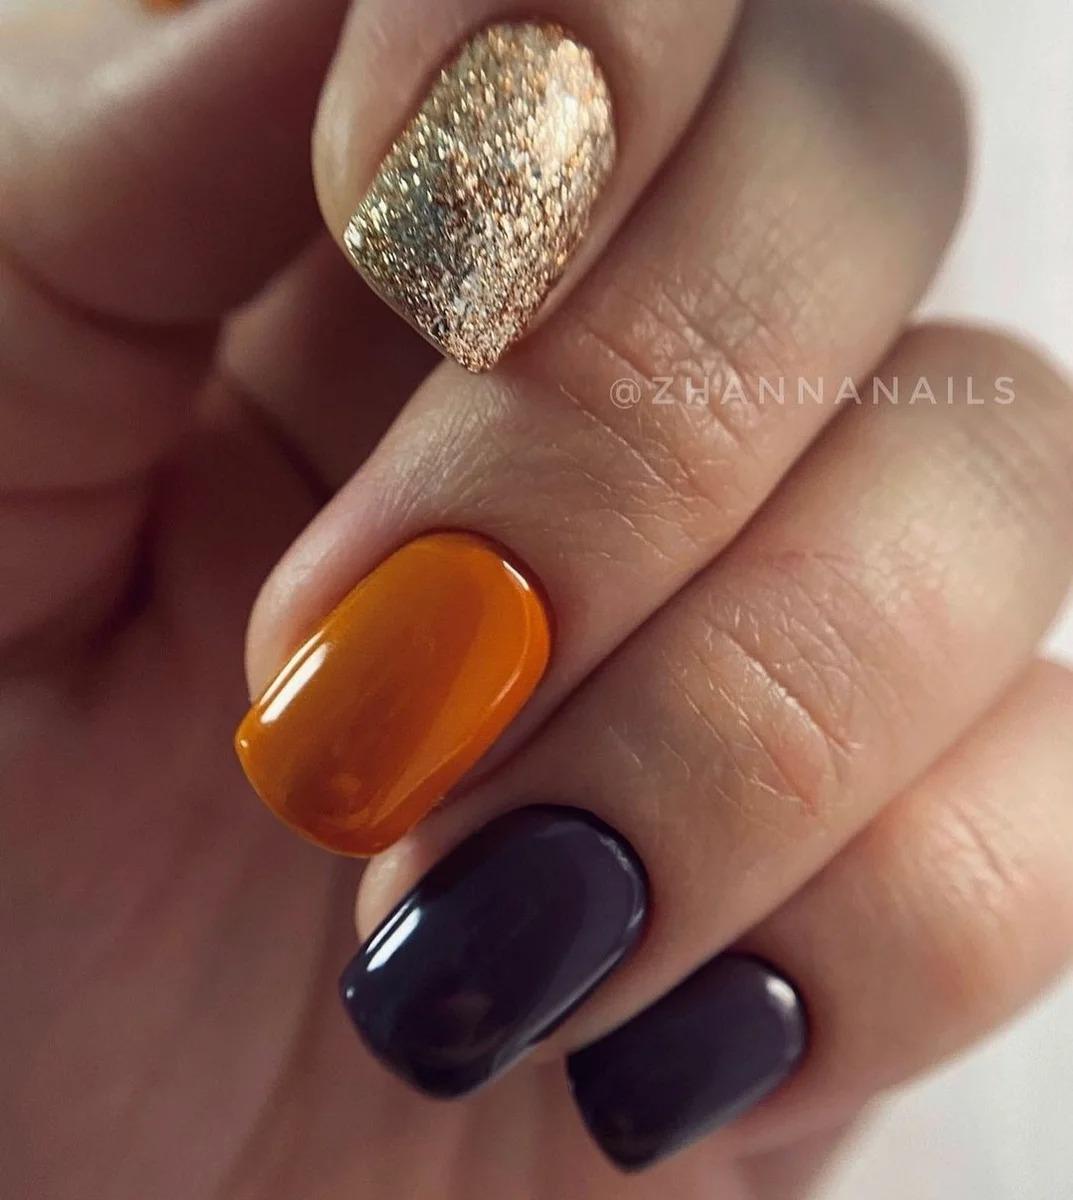 Маникюр, актуальный на сегодня: Модные тенденции, подборка ярких дизайнов, идеи ногтей, разные оттенки, фото.